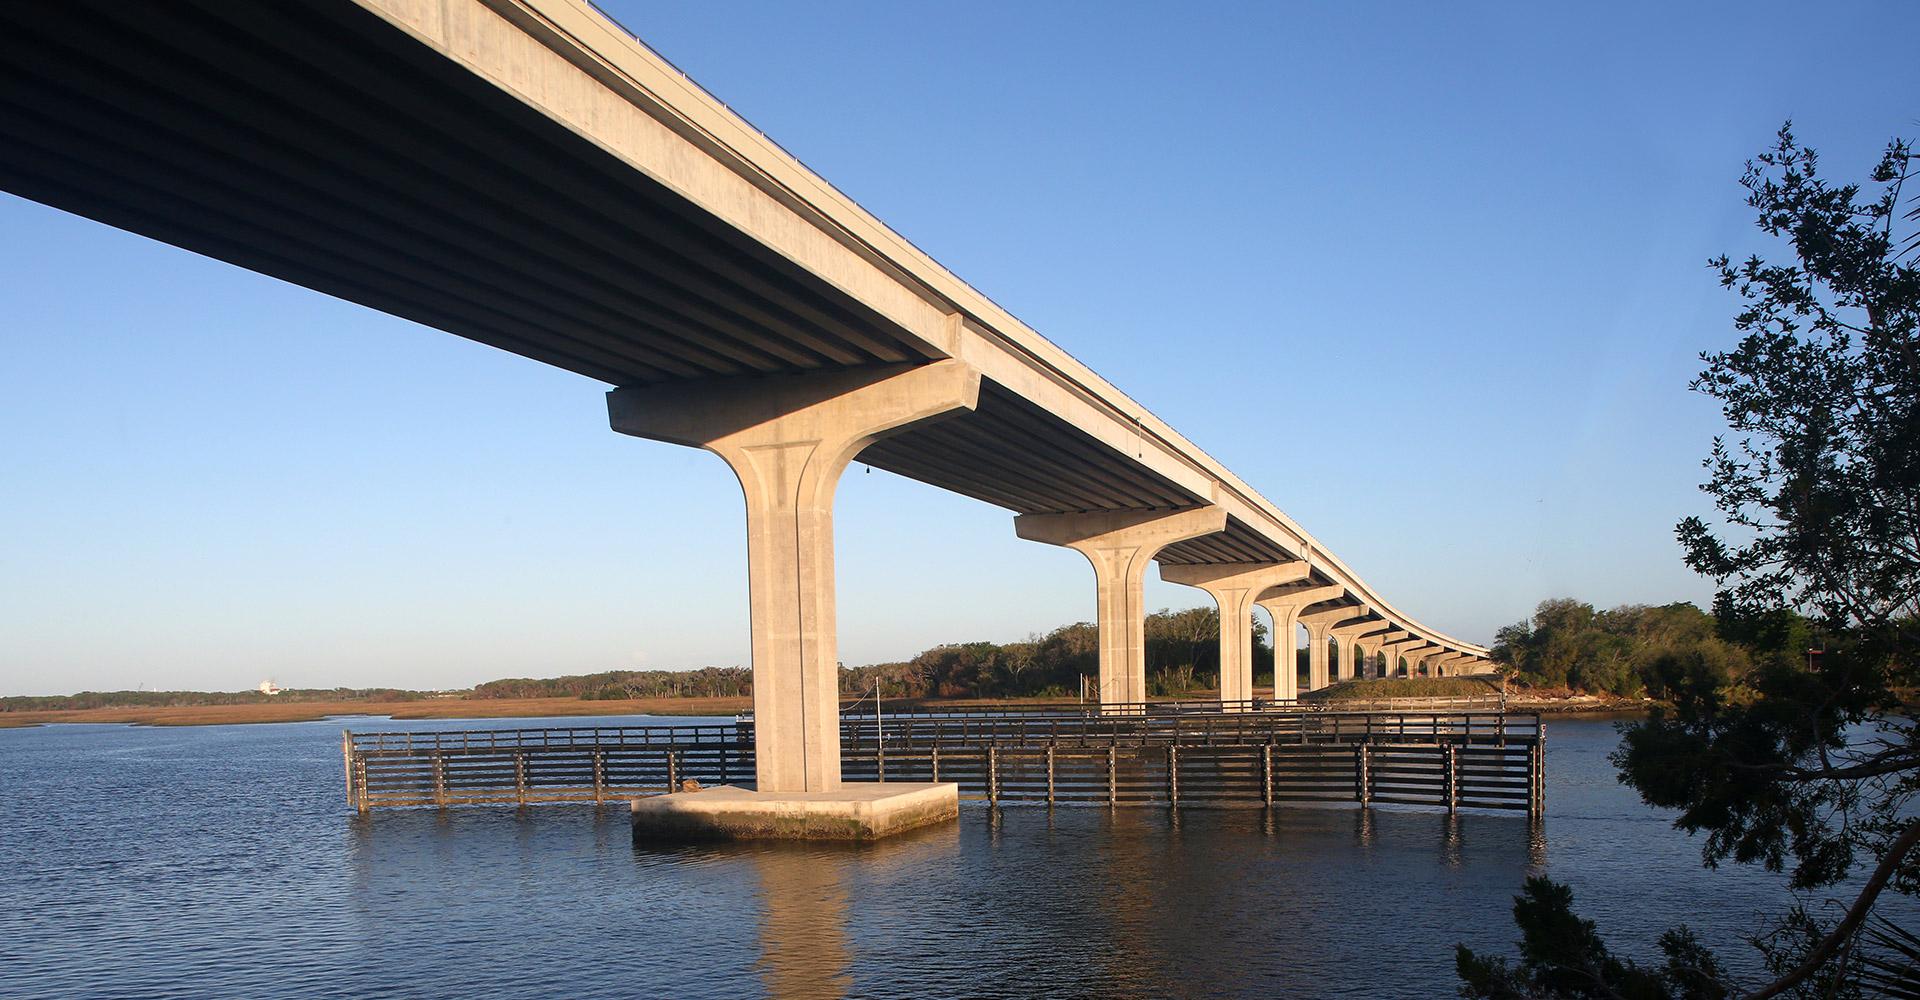 SR 105 Bridge Replacement from Below over water.